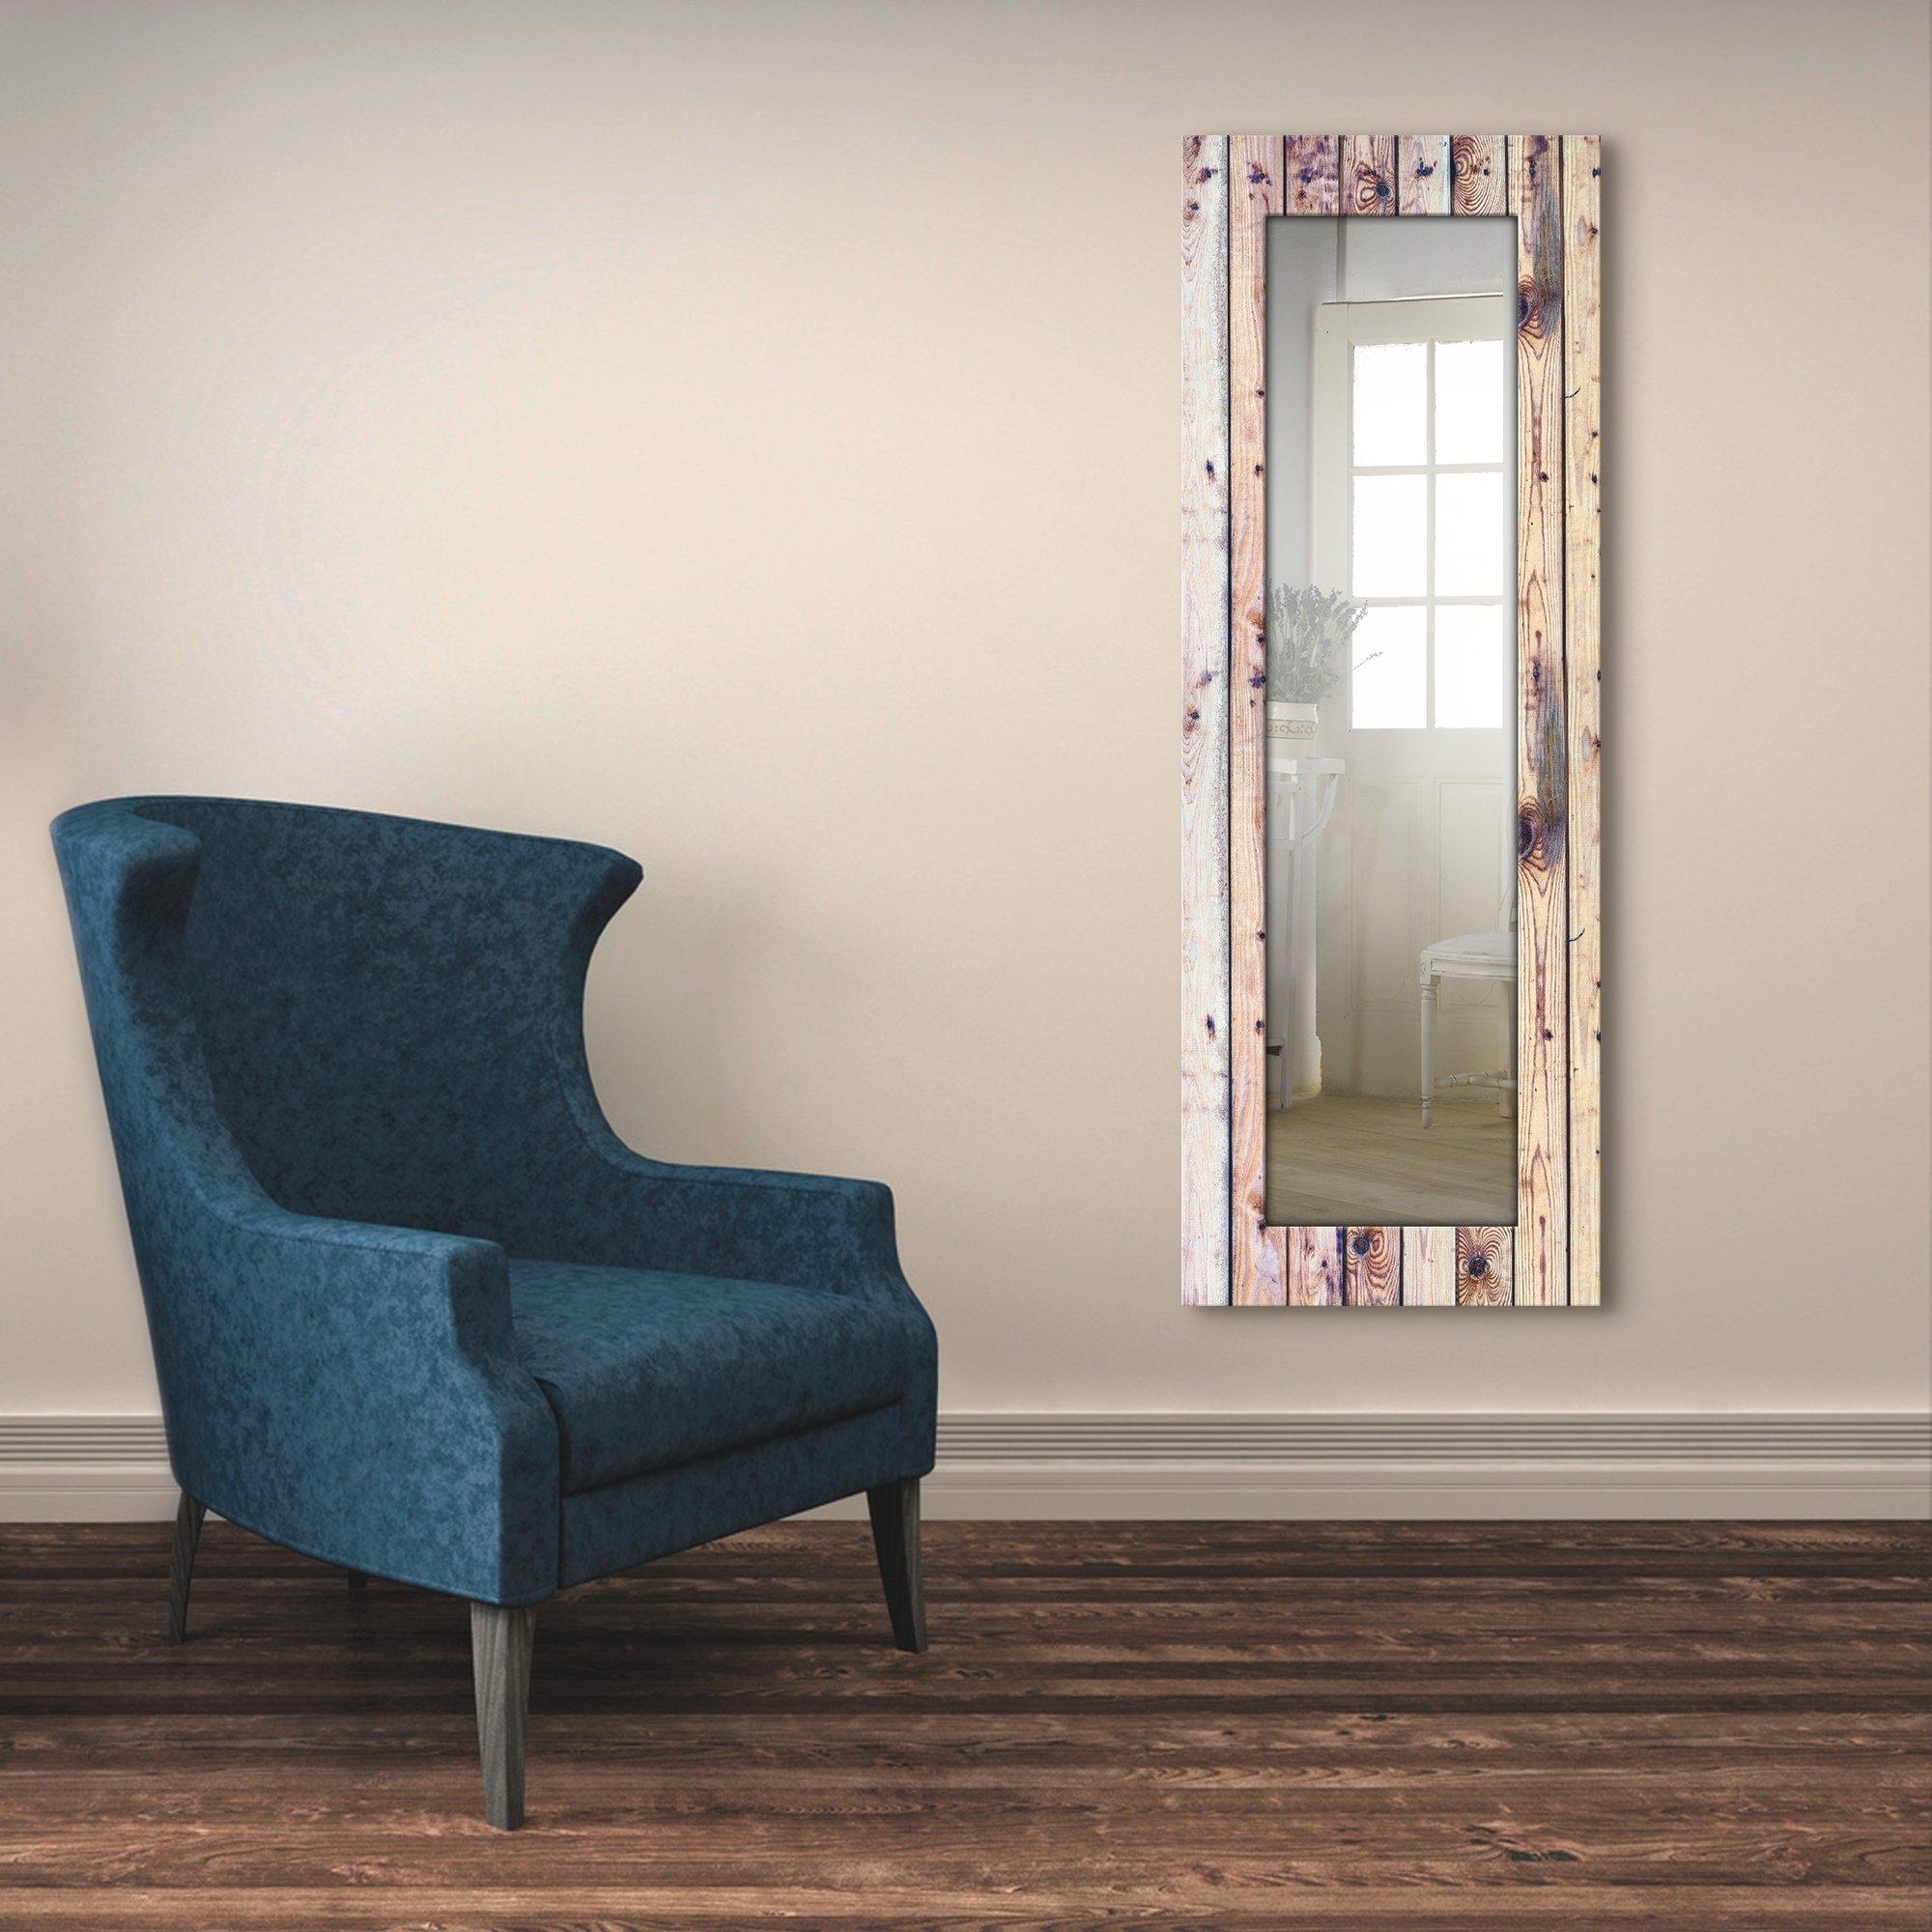 Artland wandspiegel Witte vintage-achtergrond ingelijste spiegel voor het hele lichaam met motiefrand, geschikt voor kleine, smalle hal, halspiegel, mirror spiegel omrand om op te hangen nu online bestellen